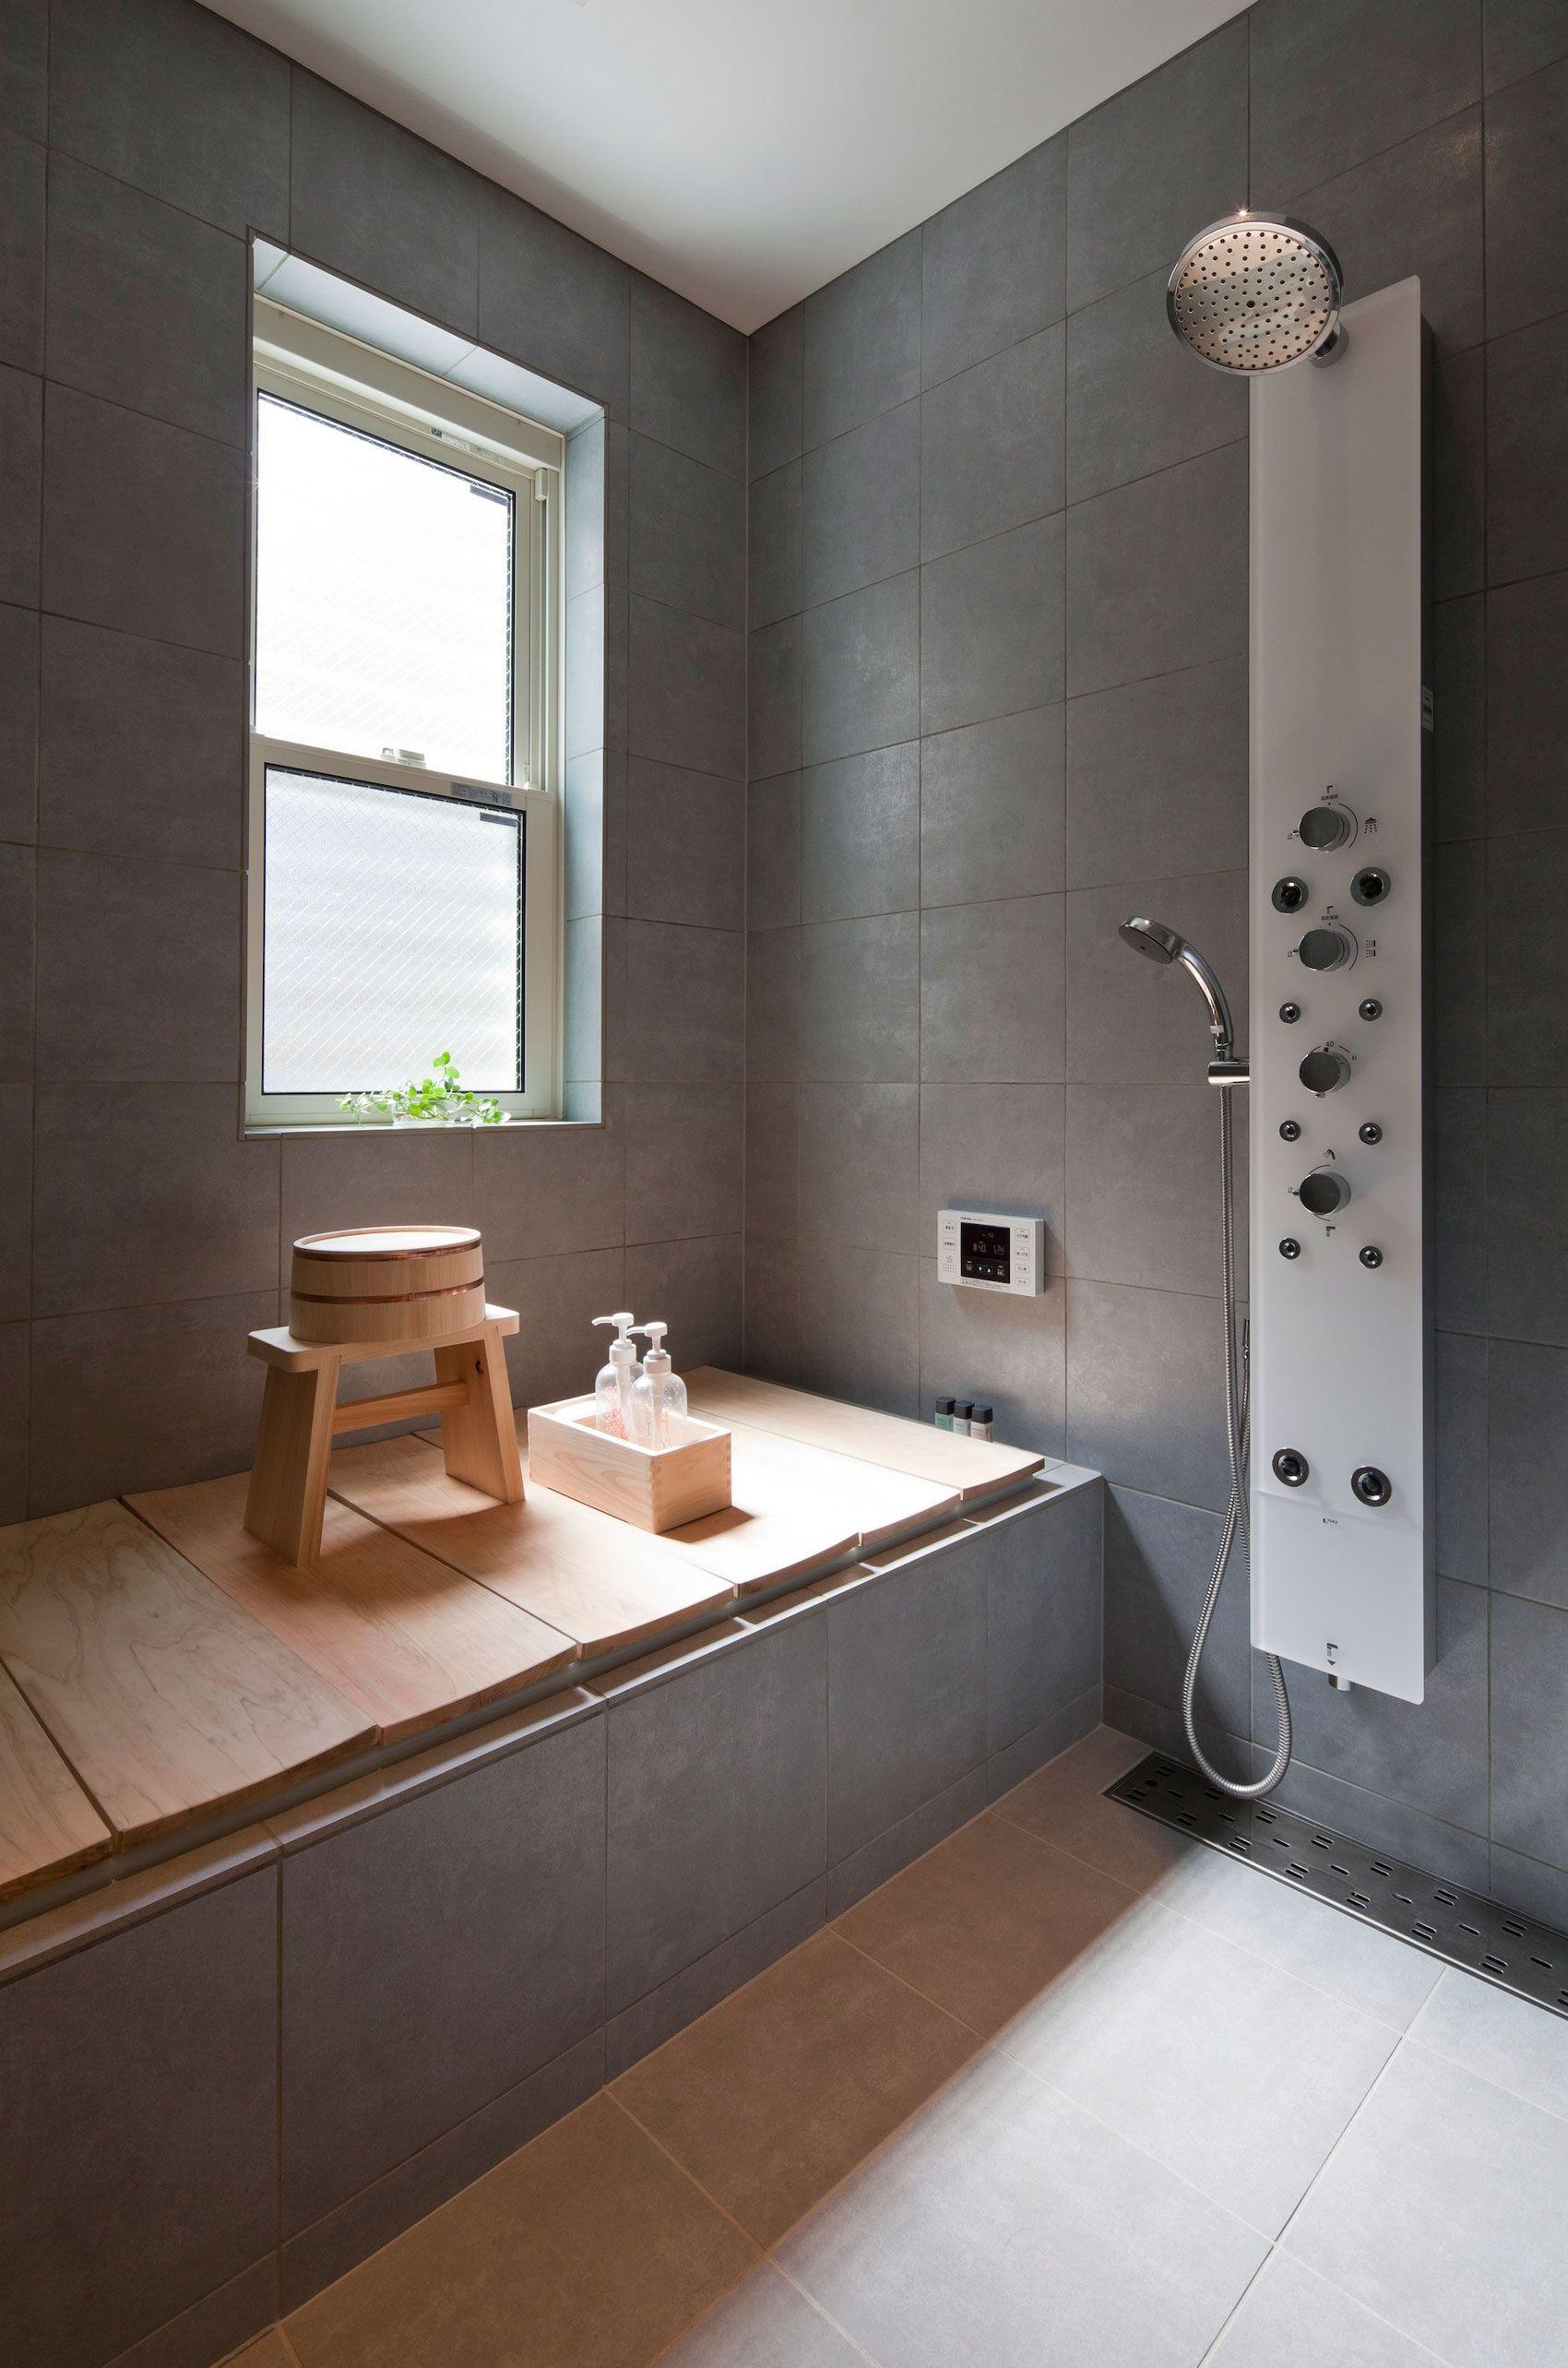 Holzboden Japanischer Stil Zen Look Modern Badezimmer Grau Einrichten Ideen Wohntrends Innendesign Bathro Badezimmer Badewannenabdeckung Badgestaltung